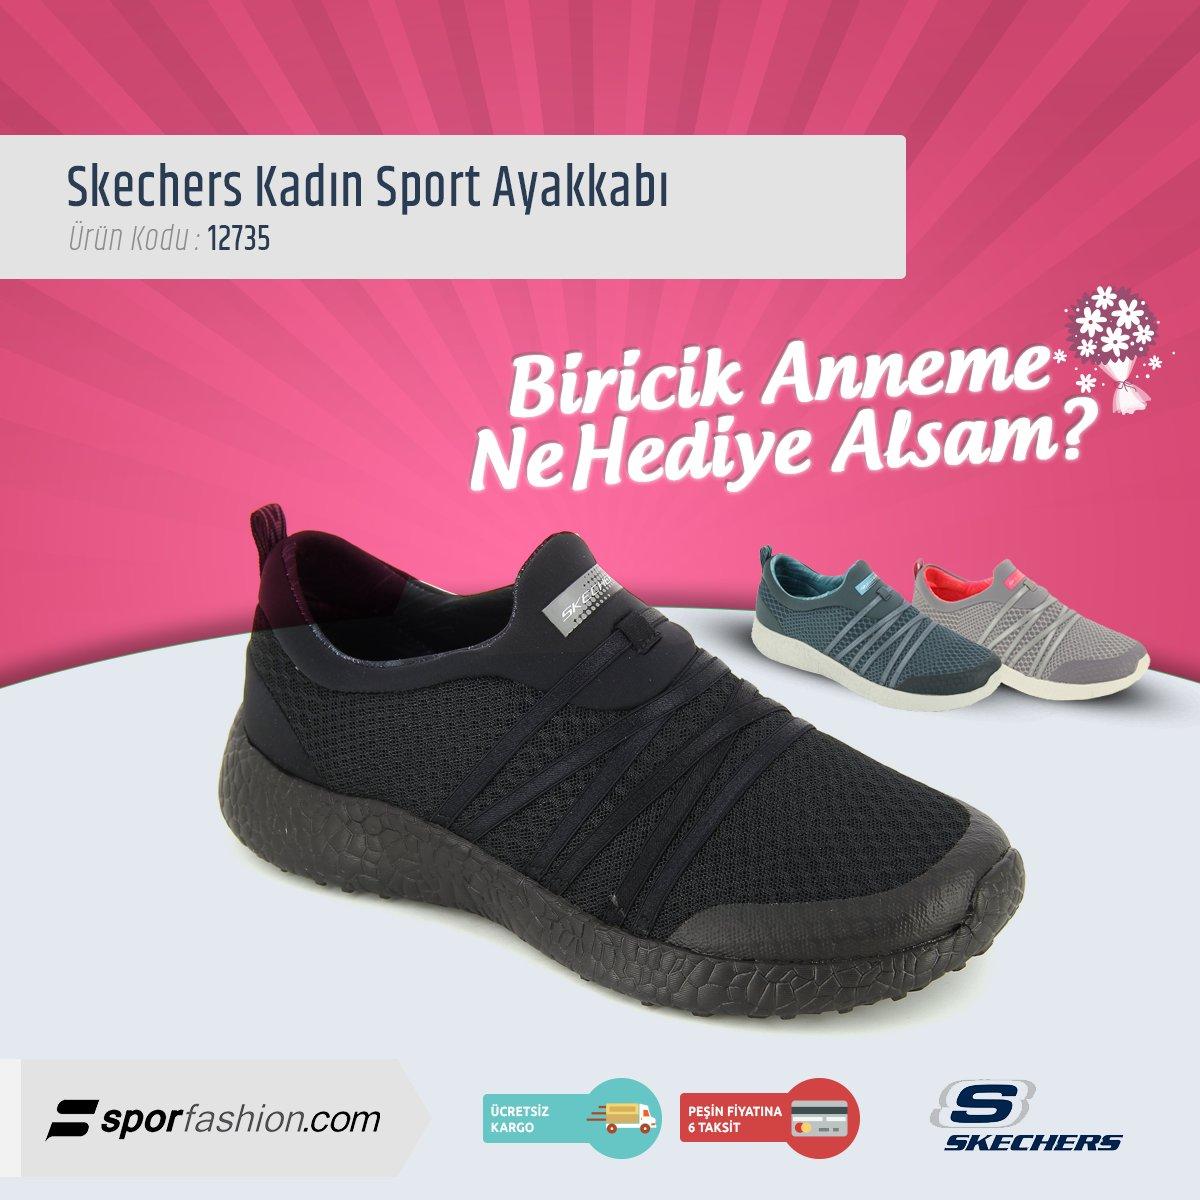 Sporfashion A Twitter Skechers Kadın Sport Ayakkabı ürün Kodu